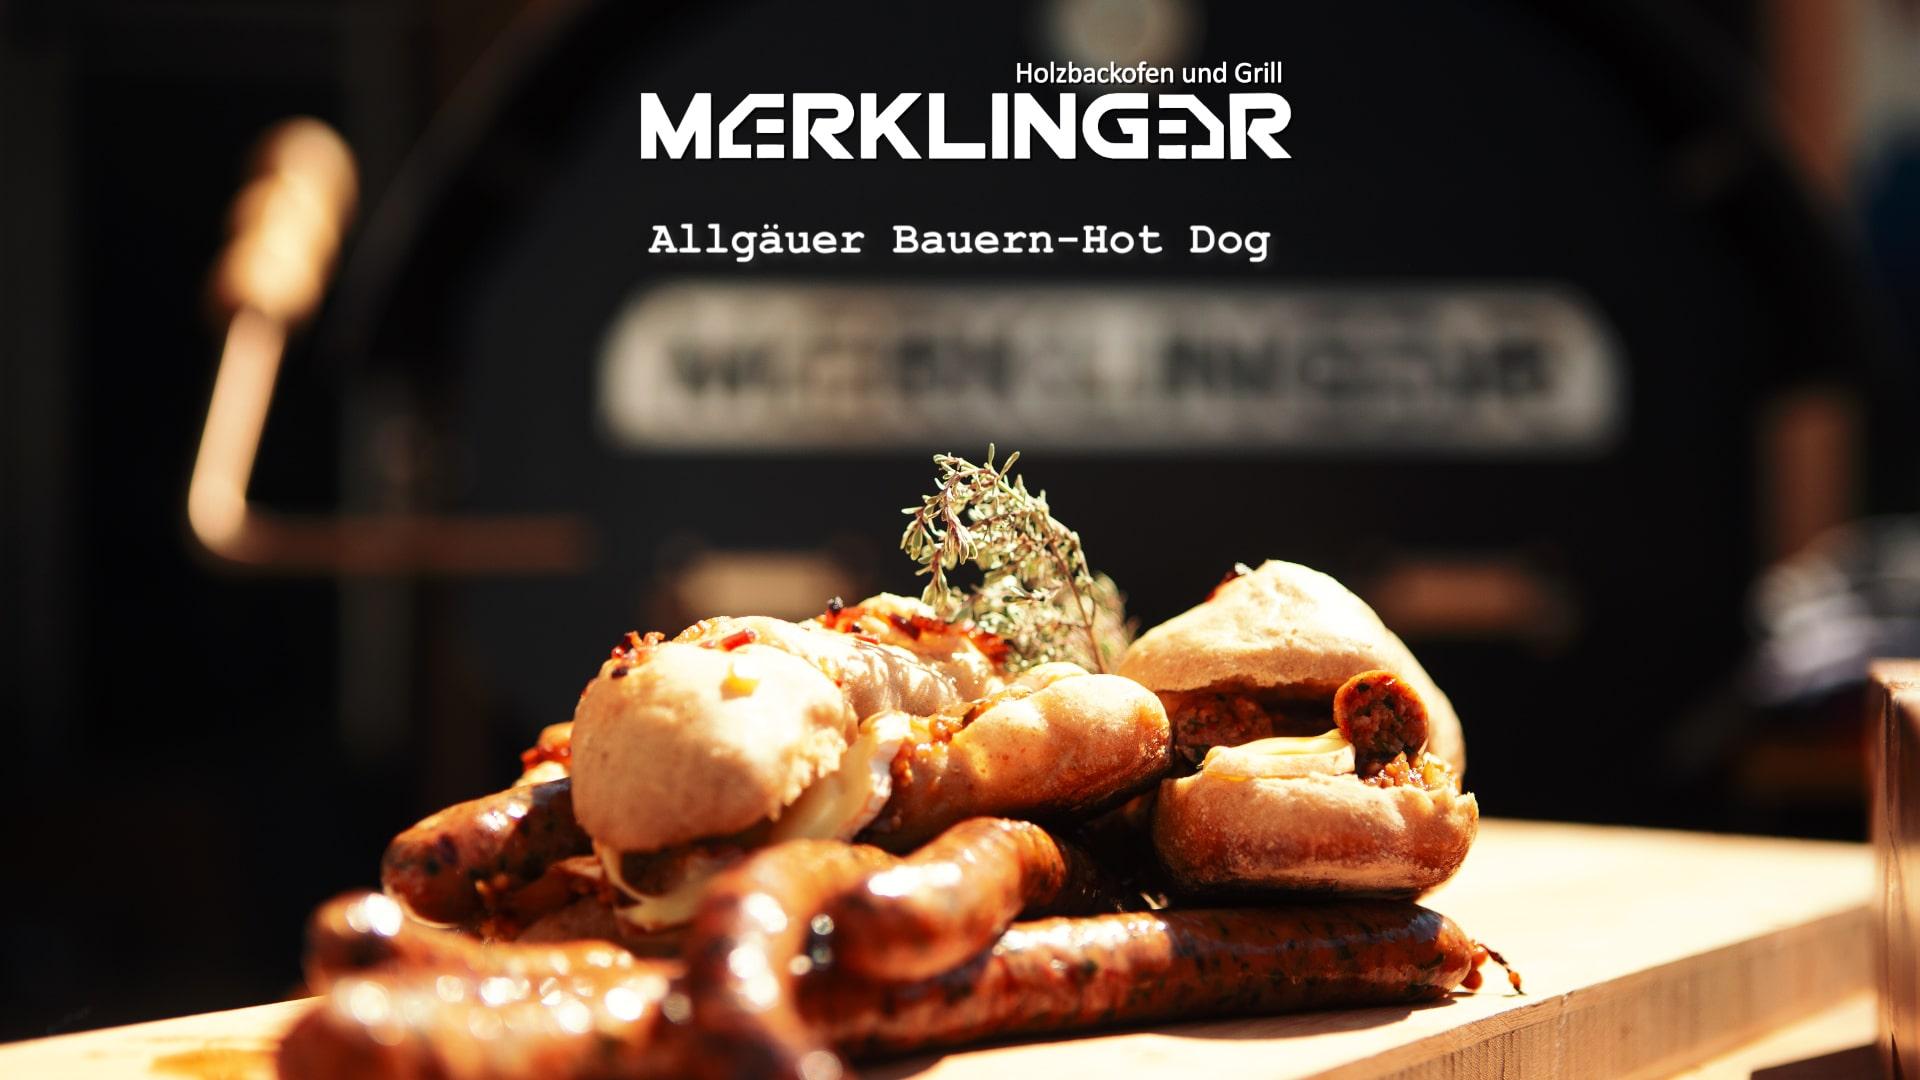 Merklinger Holzbackofen Grill Pizzaofen Brotbackofen Rezept Allgäuer Bauern Hot Dog